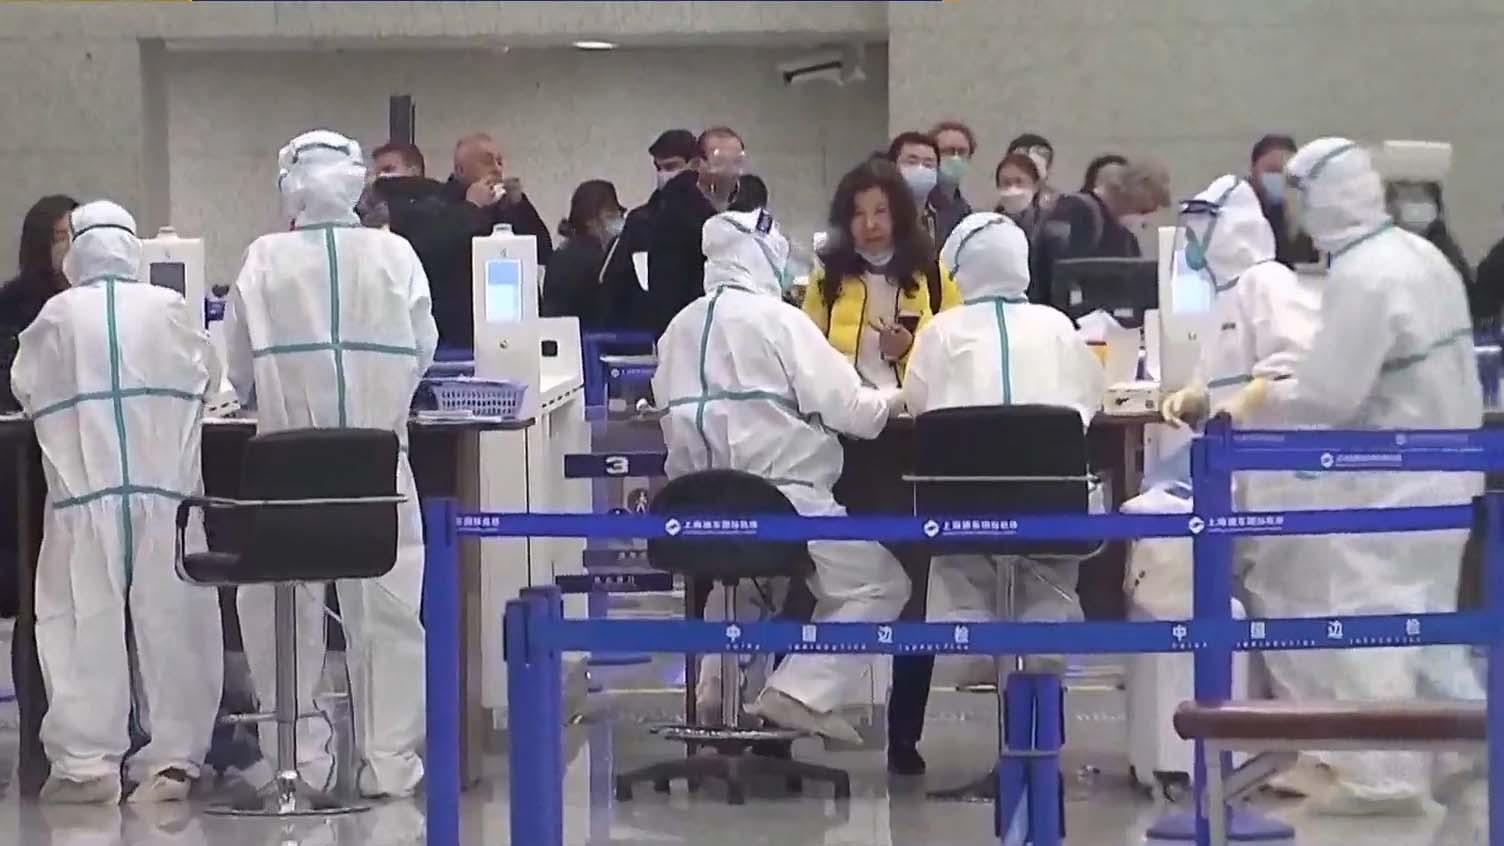 周六起暫禁外國人入境 內地民航局:將削國際客運航班